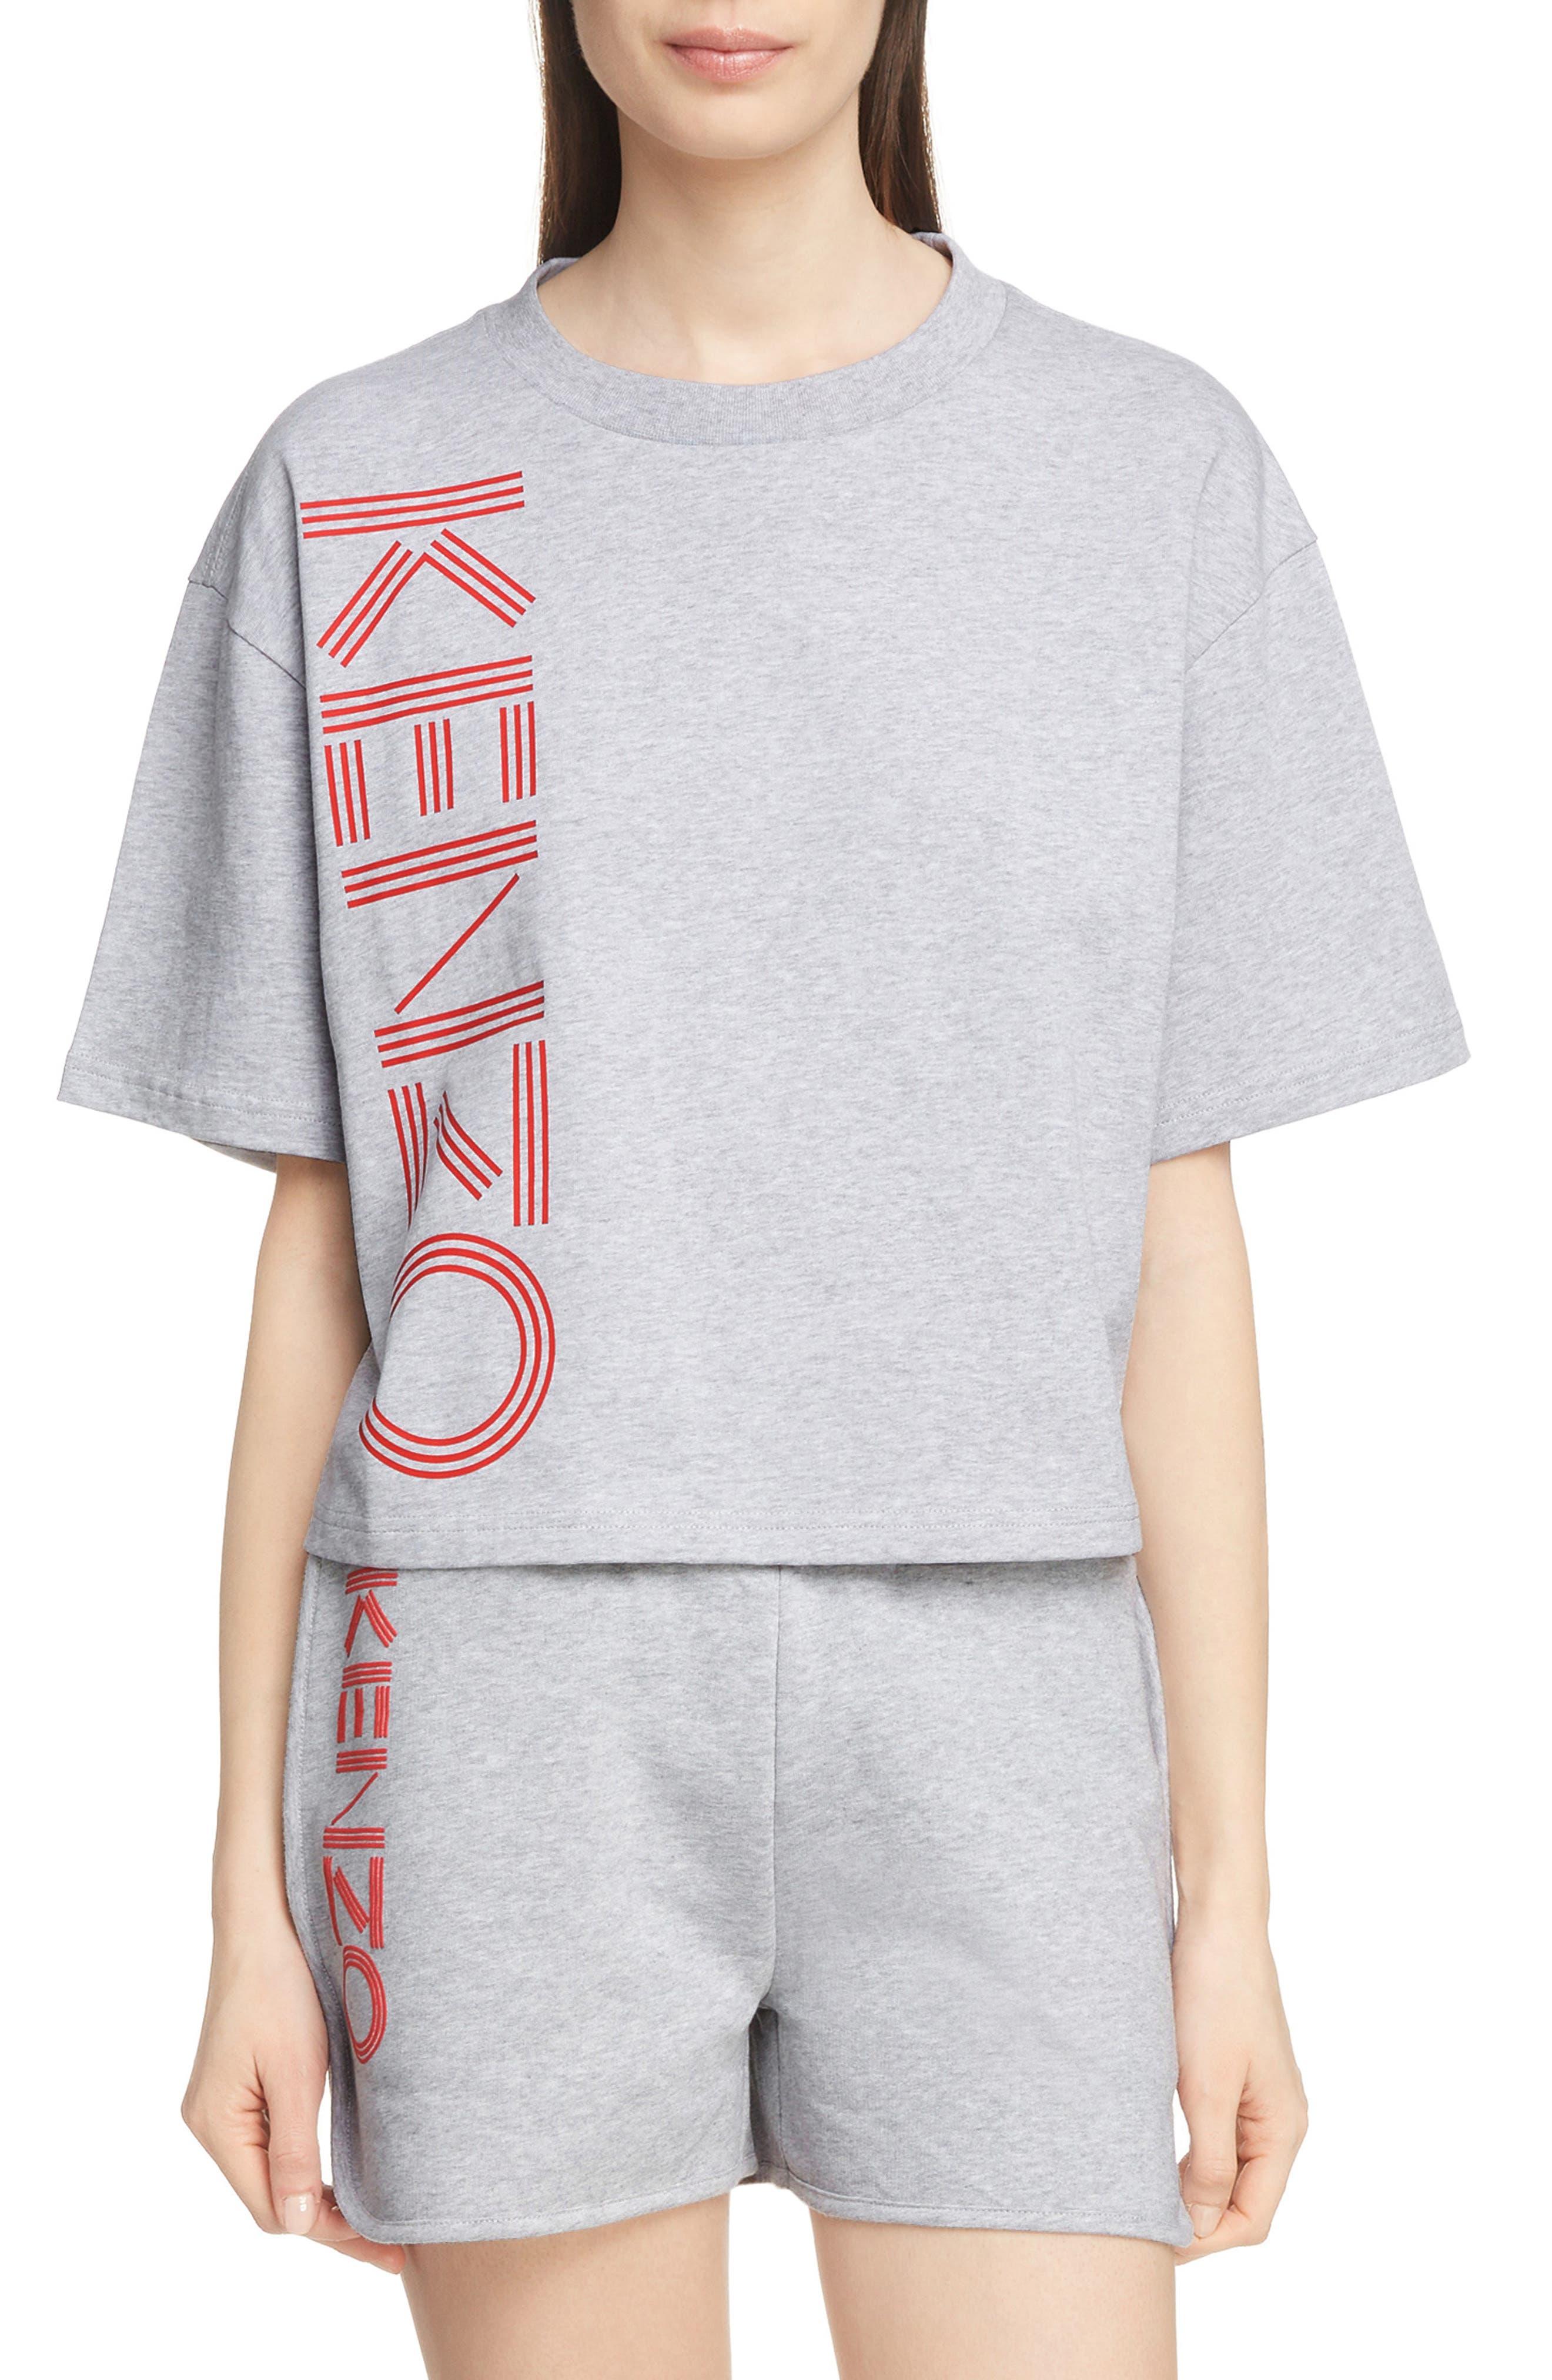 Kenzo Sport Boxy Tee, Grey